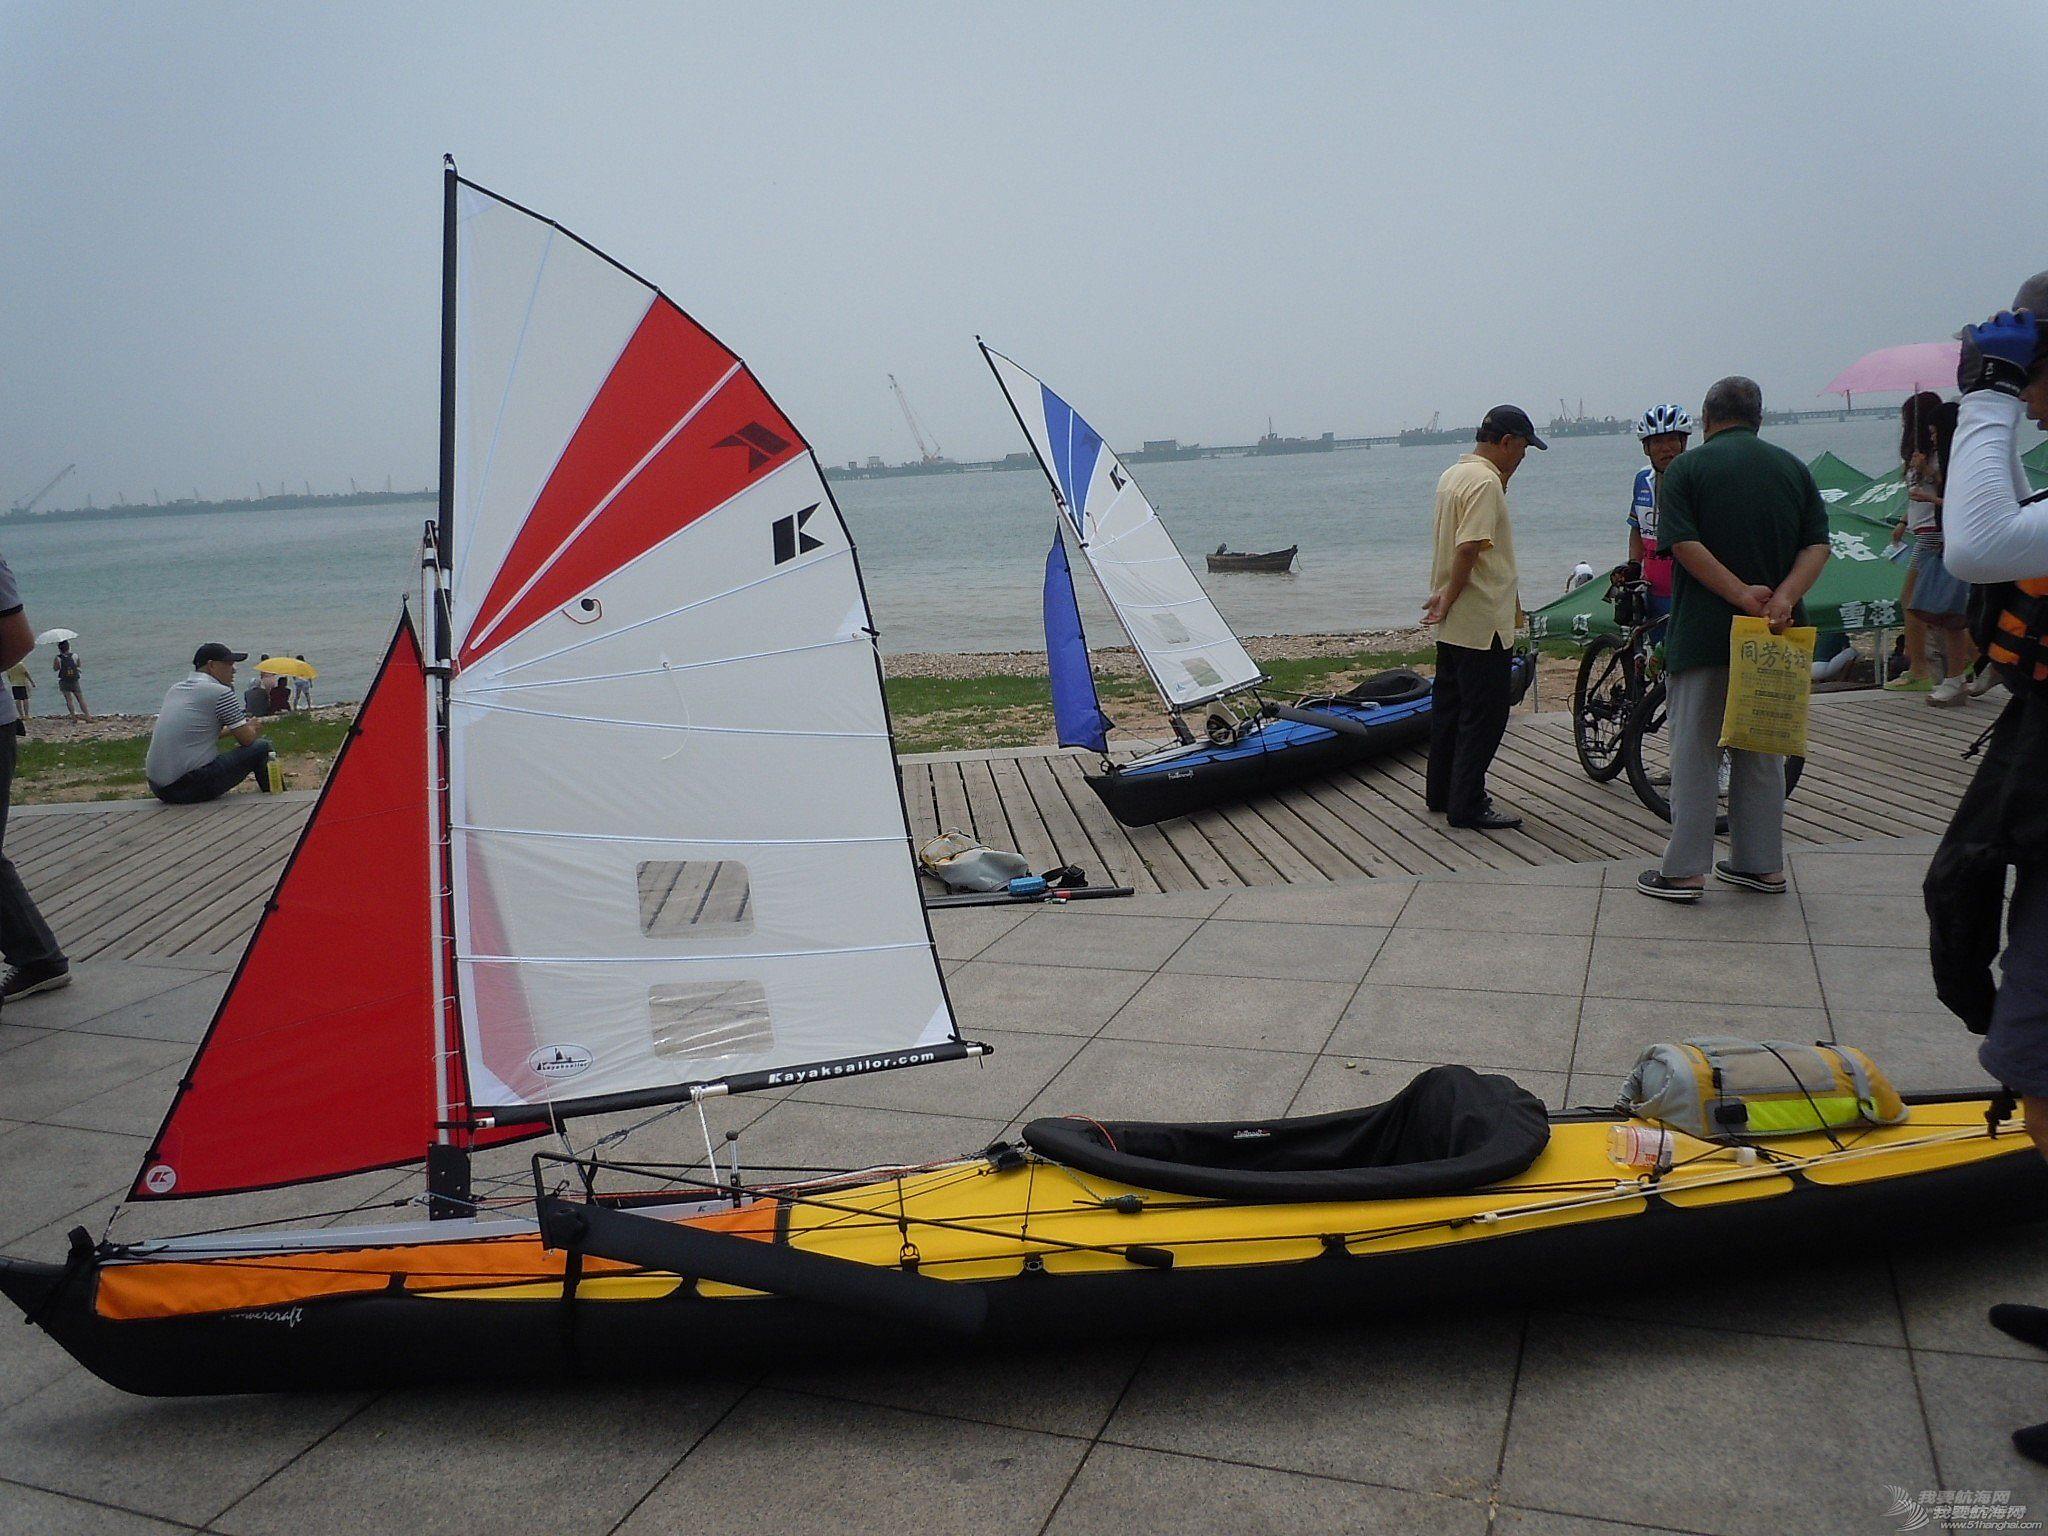 皮划艇 单人皮划艇能自己加上小帆么?